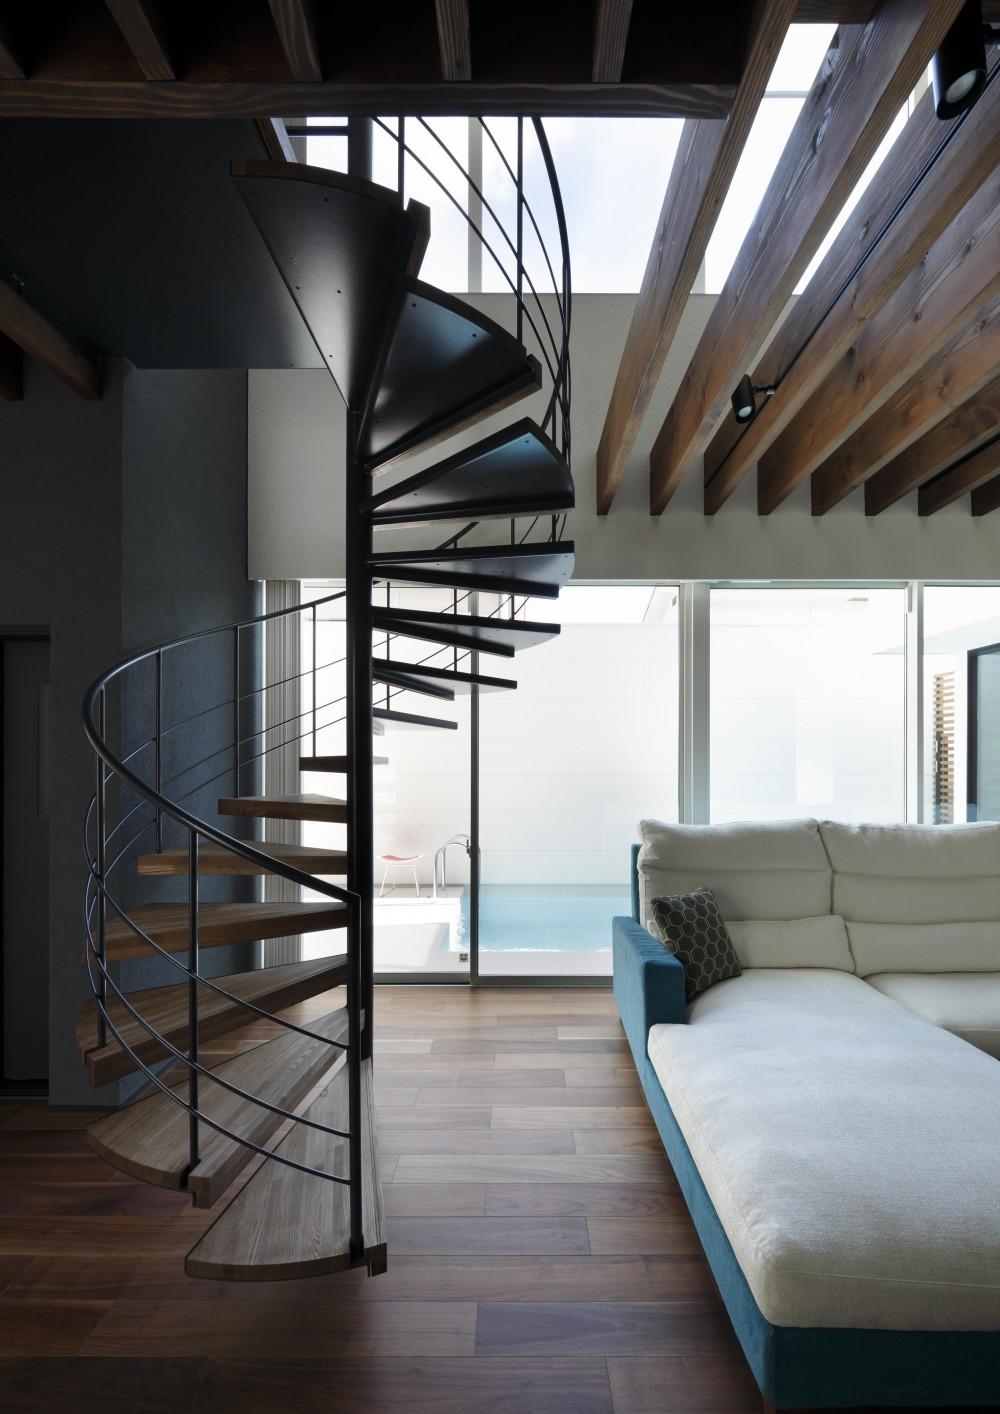 近藤晃弘建築都市設計事務所「木漏れ日のプールサイドハウス」